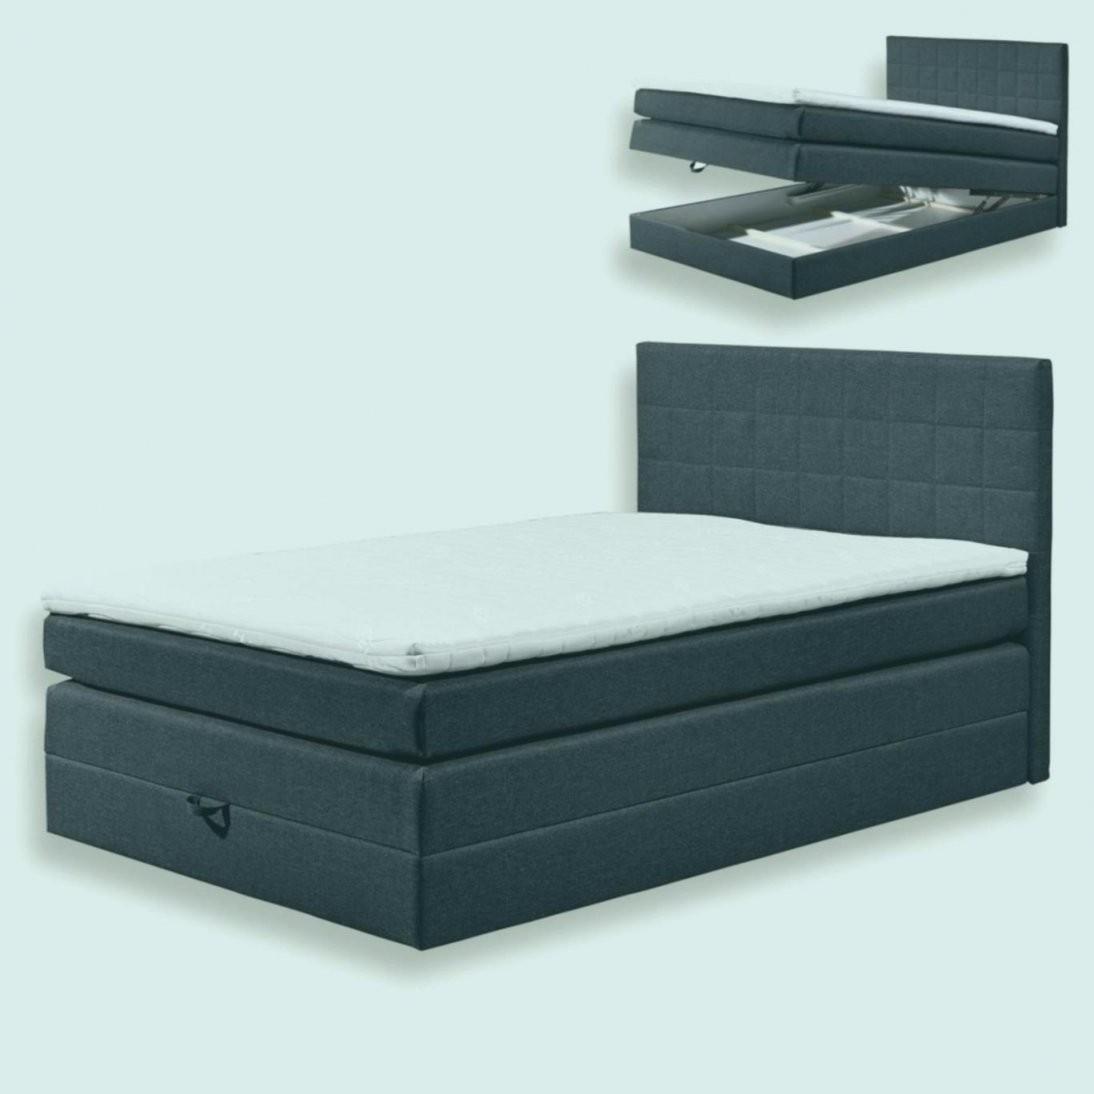 Boxspring Matratze Für Normales Bett Großartig Schlafzimmer Bett Mit von Normales Bett Zum Boxspringbett Umbauen Bild